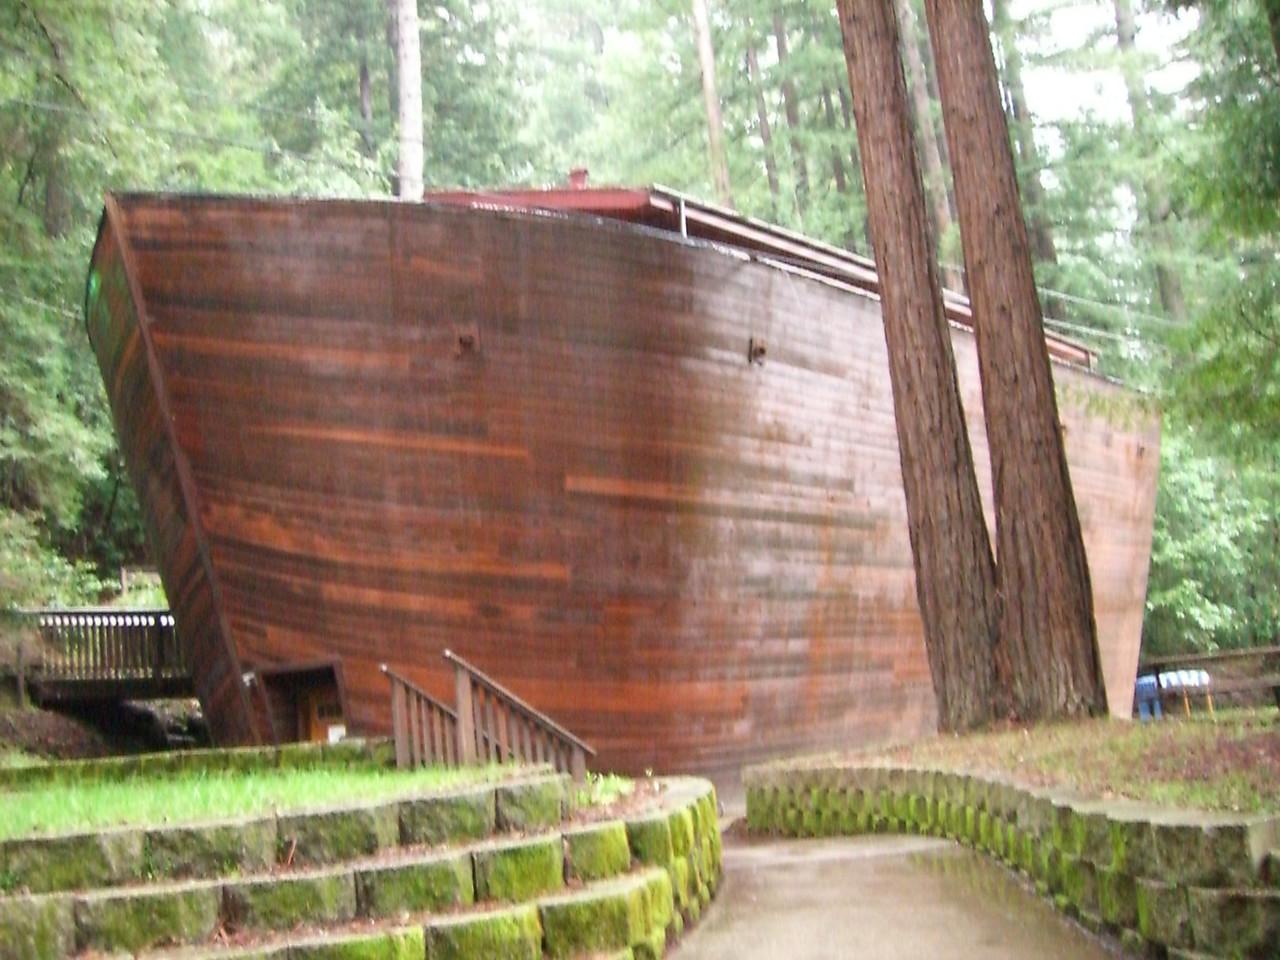 2006 02 19 Sun - WCC - The Ark @ Redwood Christian Park - angle